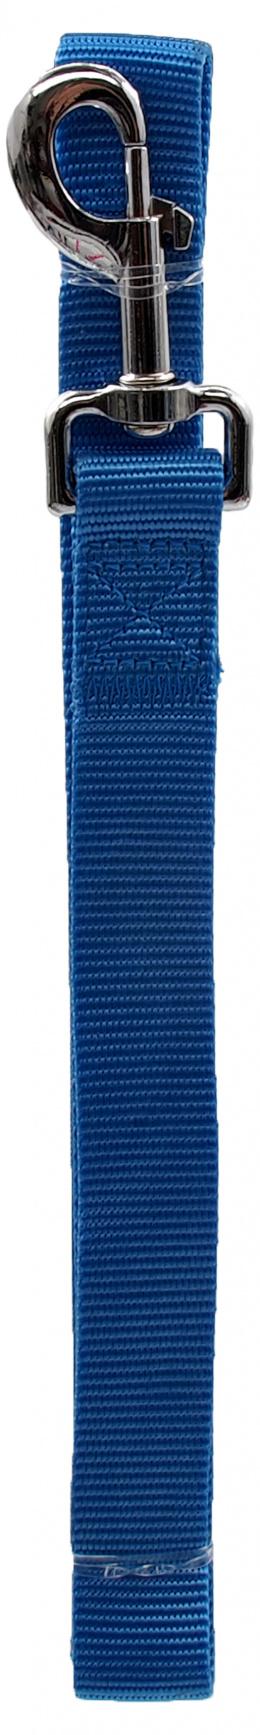 Pavada – Dog Fantasy L, 120 cm, krāsa – zilā